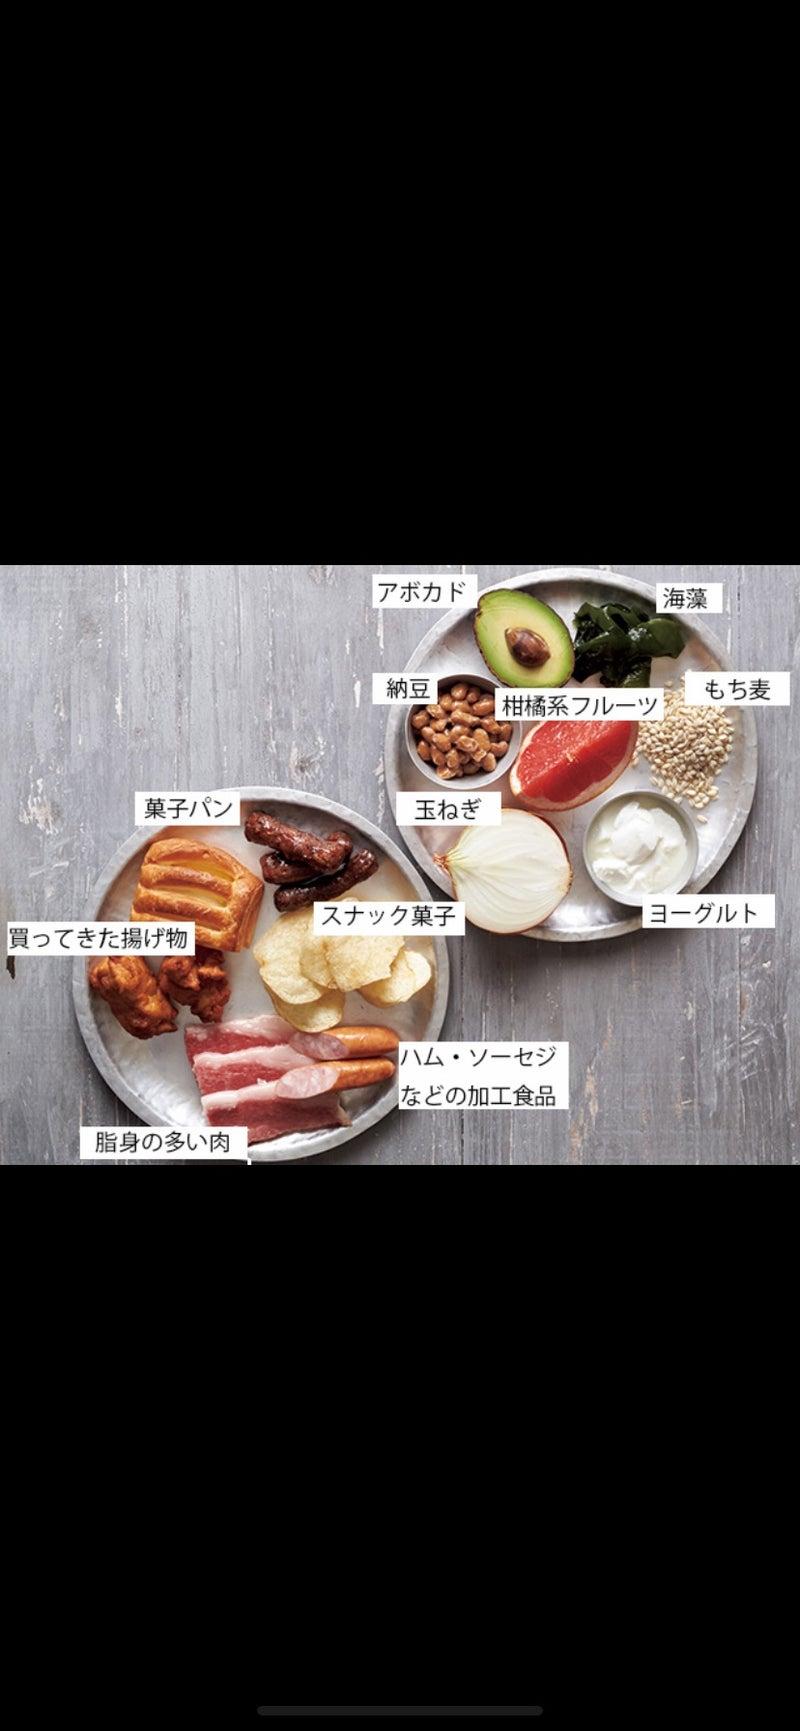 食べ物 痩せ 菌